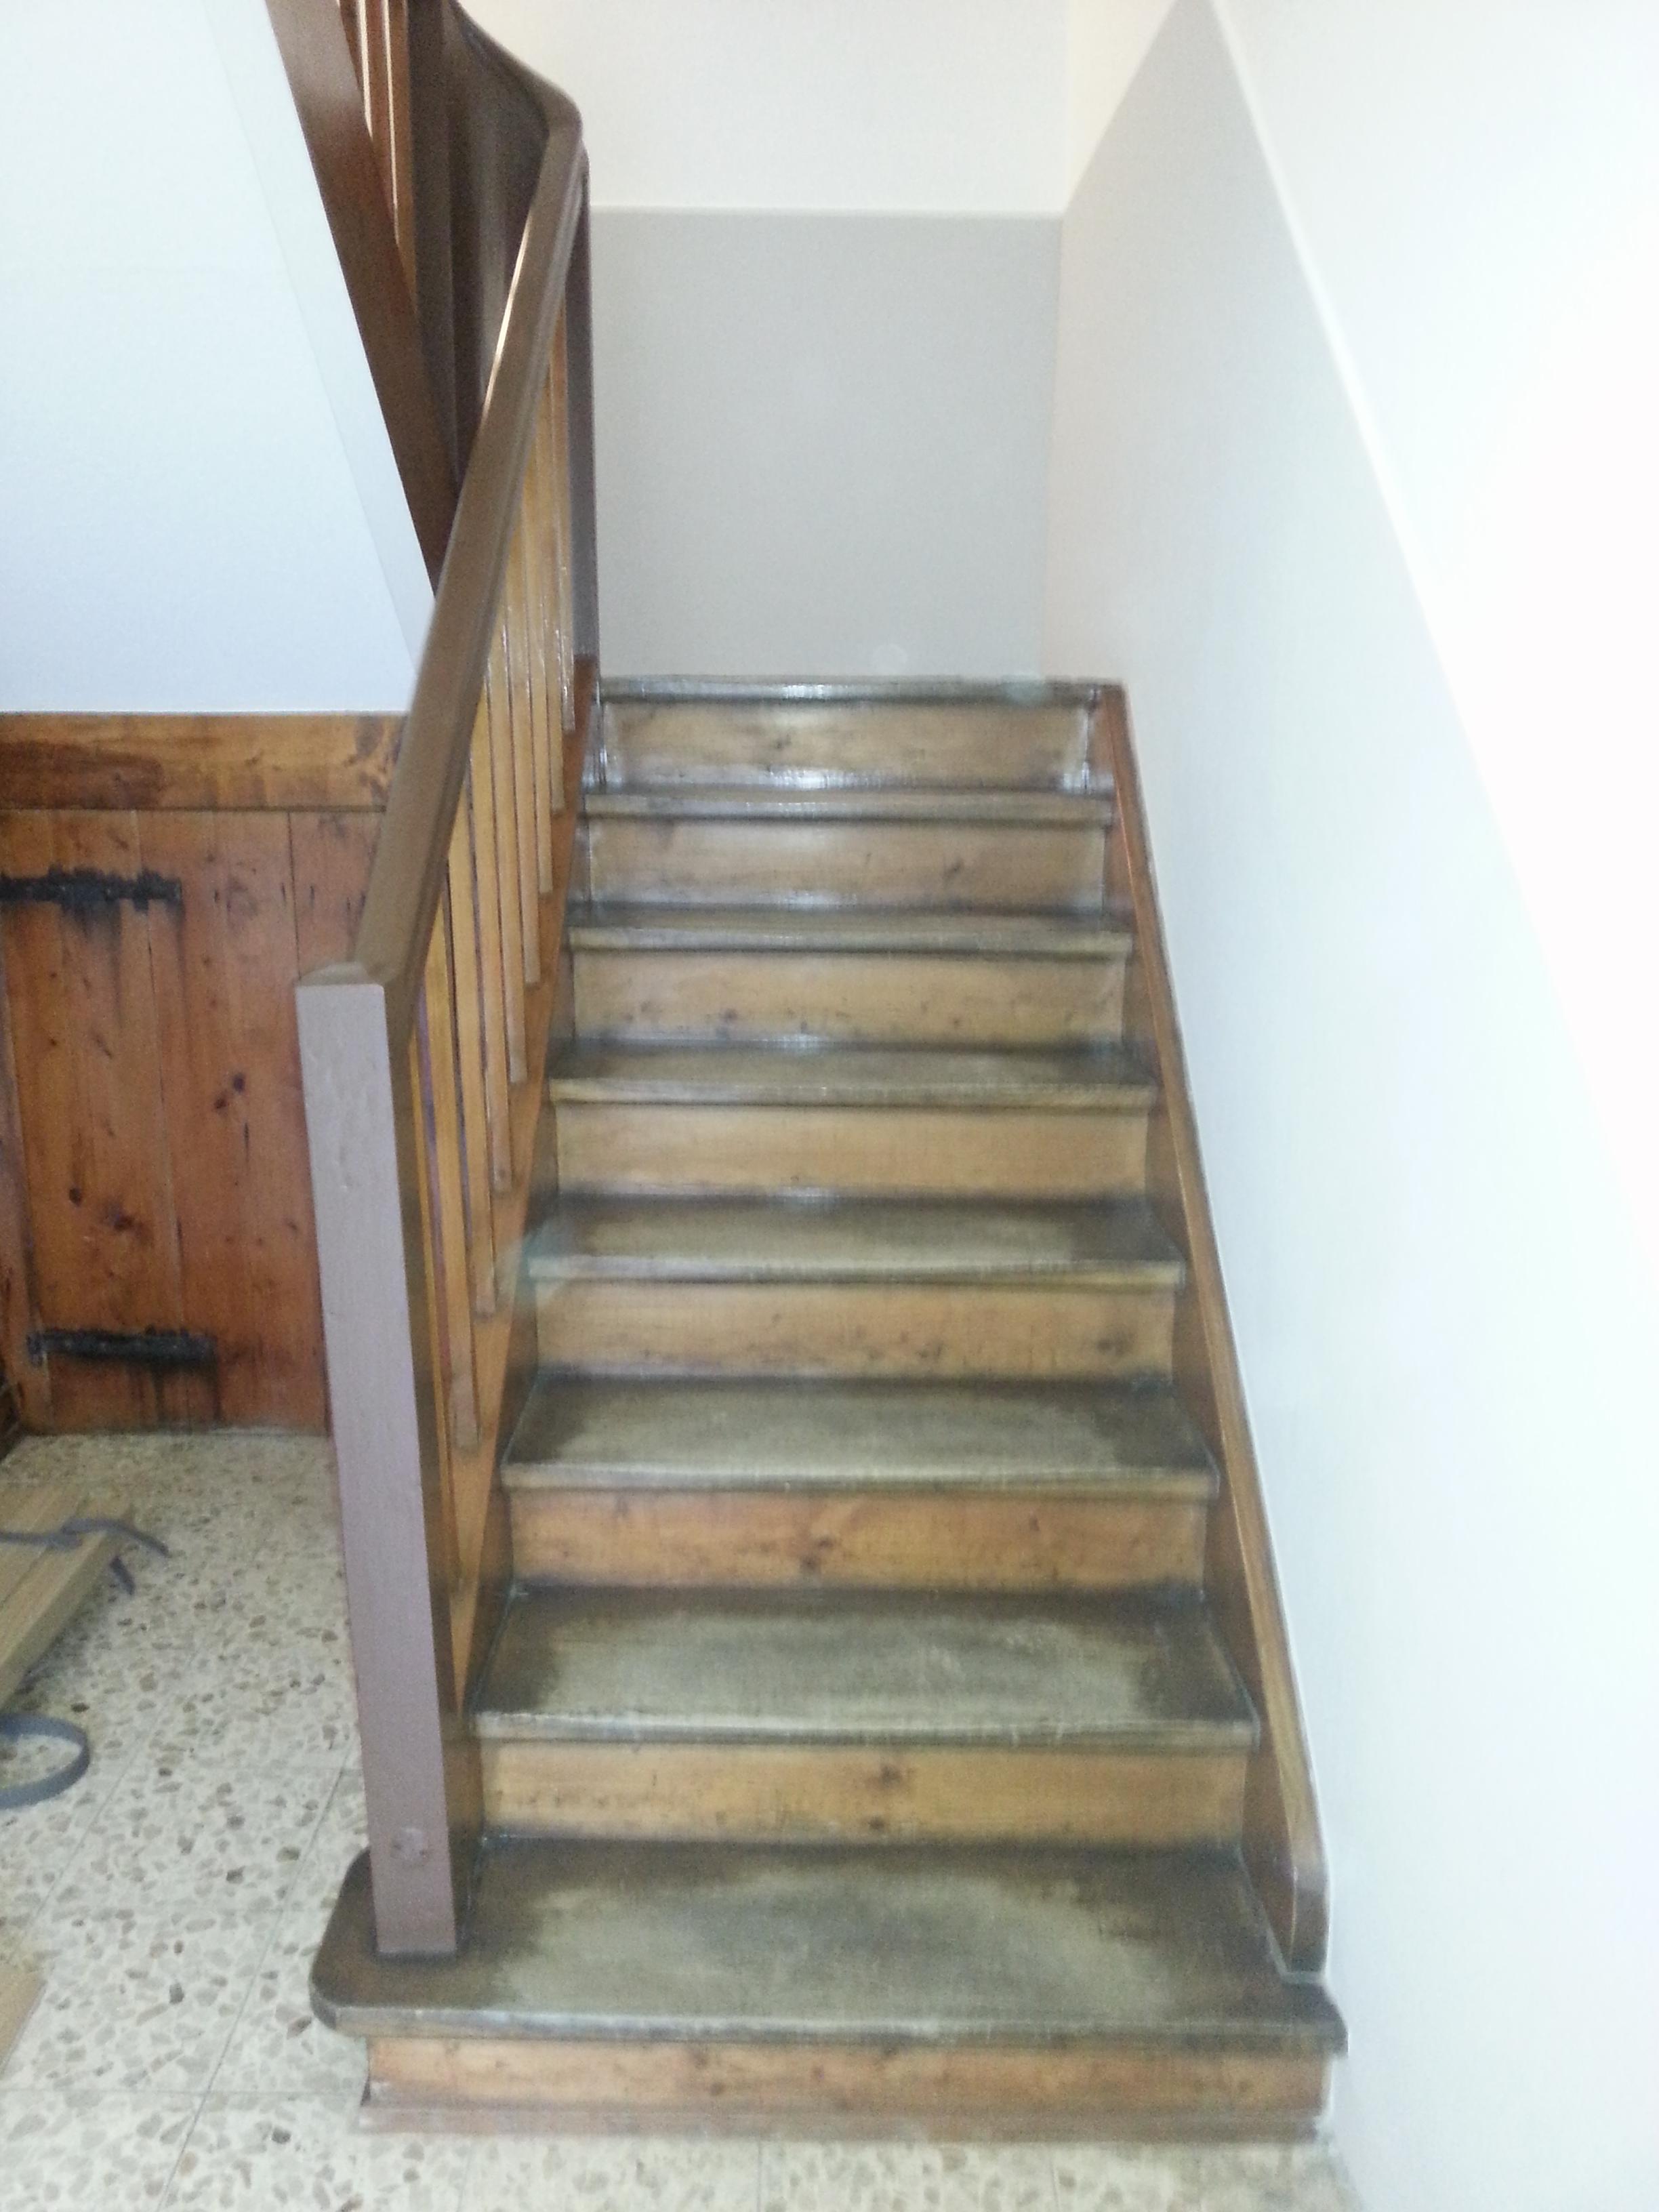 treppe mit laminat raumgestaltung dinser. Black Bedroom Furniture Sets. Home Design Ideas